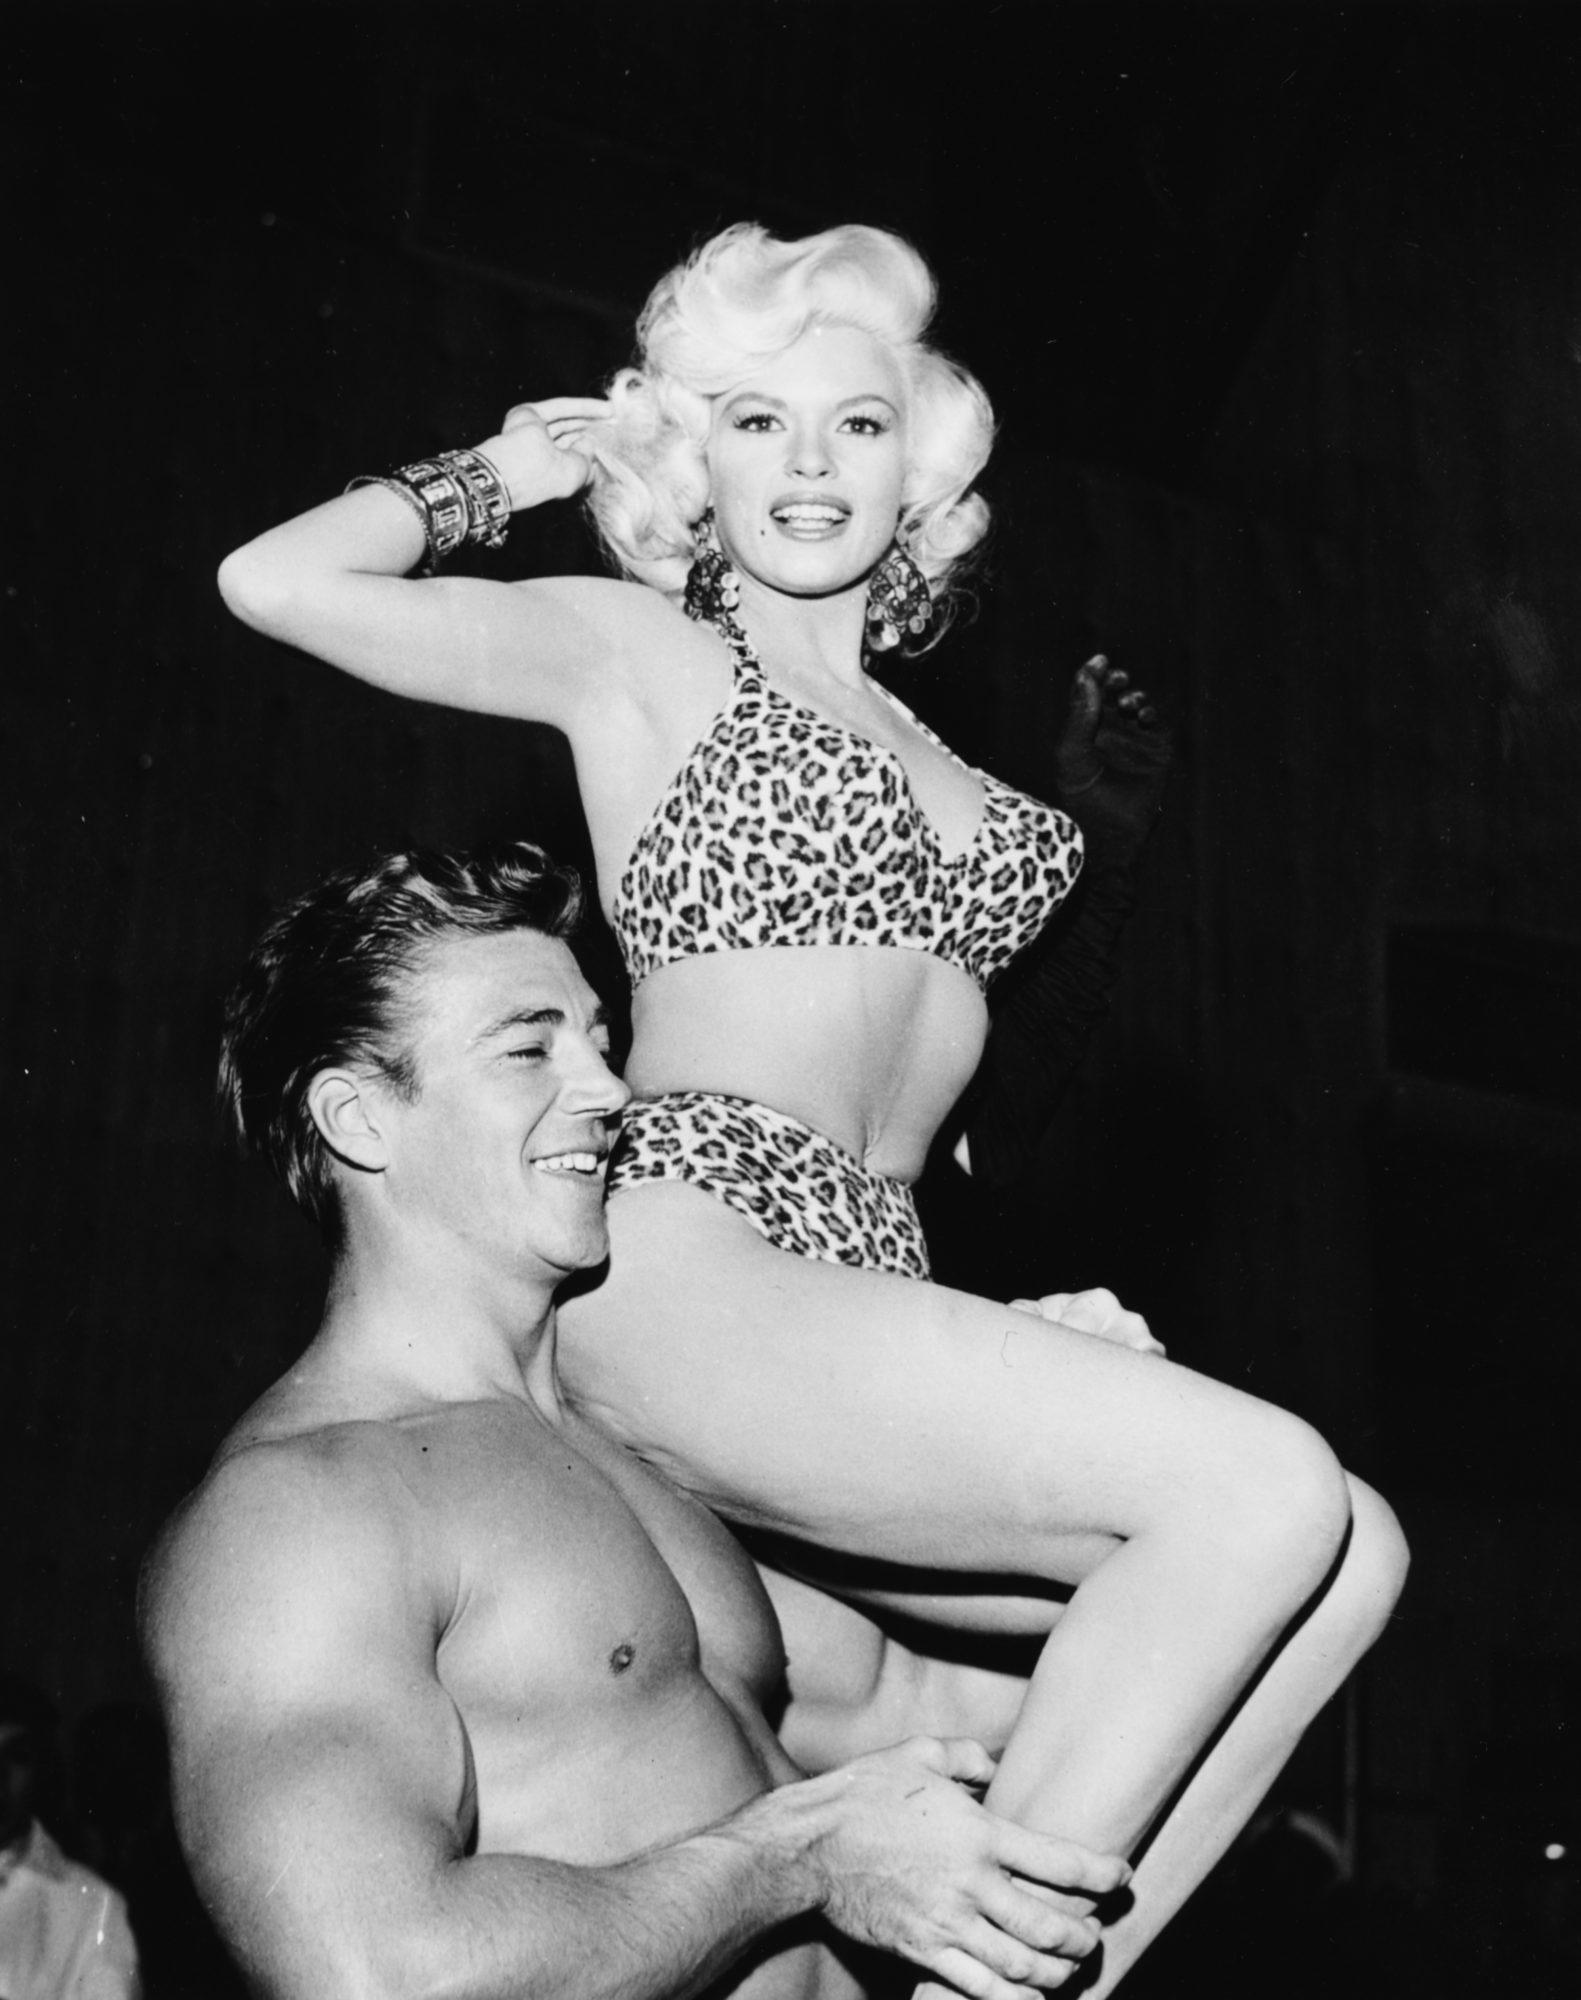 Jayne Mansfield de biquíni com padrão leopardo, ao colo do marido Mickey Hargitay, em 1956.